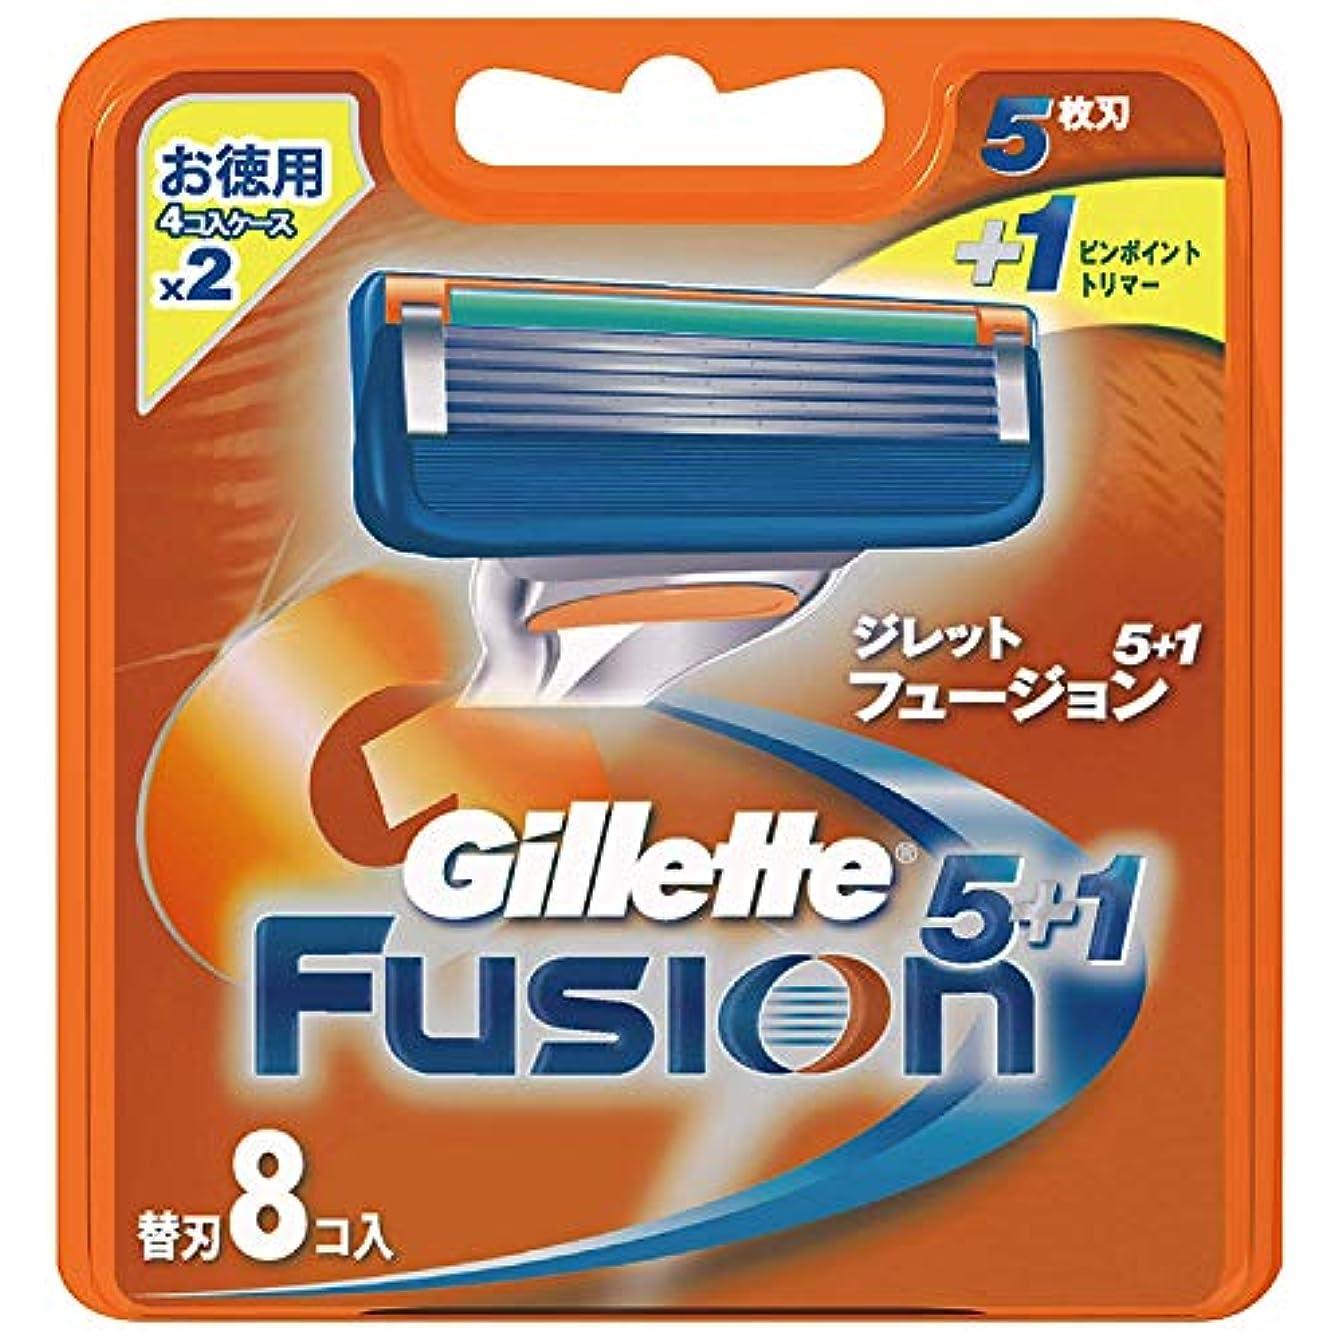 整理するモトリースイッチジレット フュージョン5+1 マニュアル 髭剃り 替刃 8コ入 × 20点